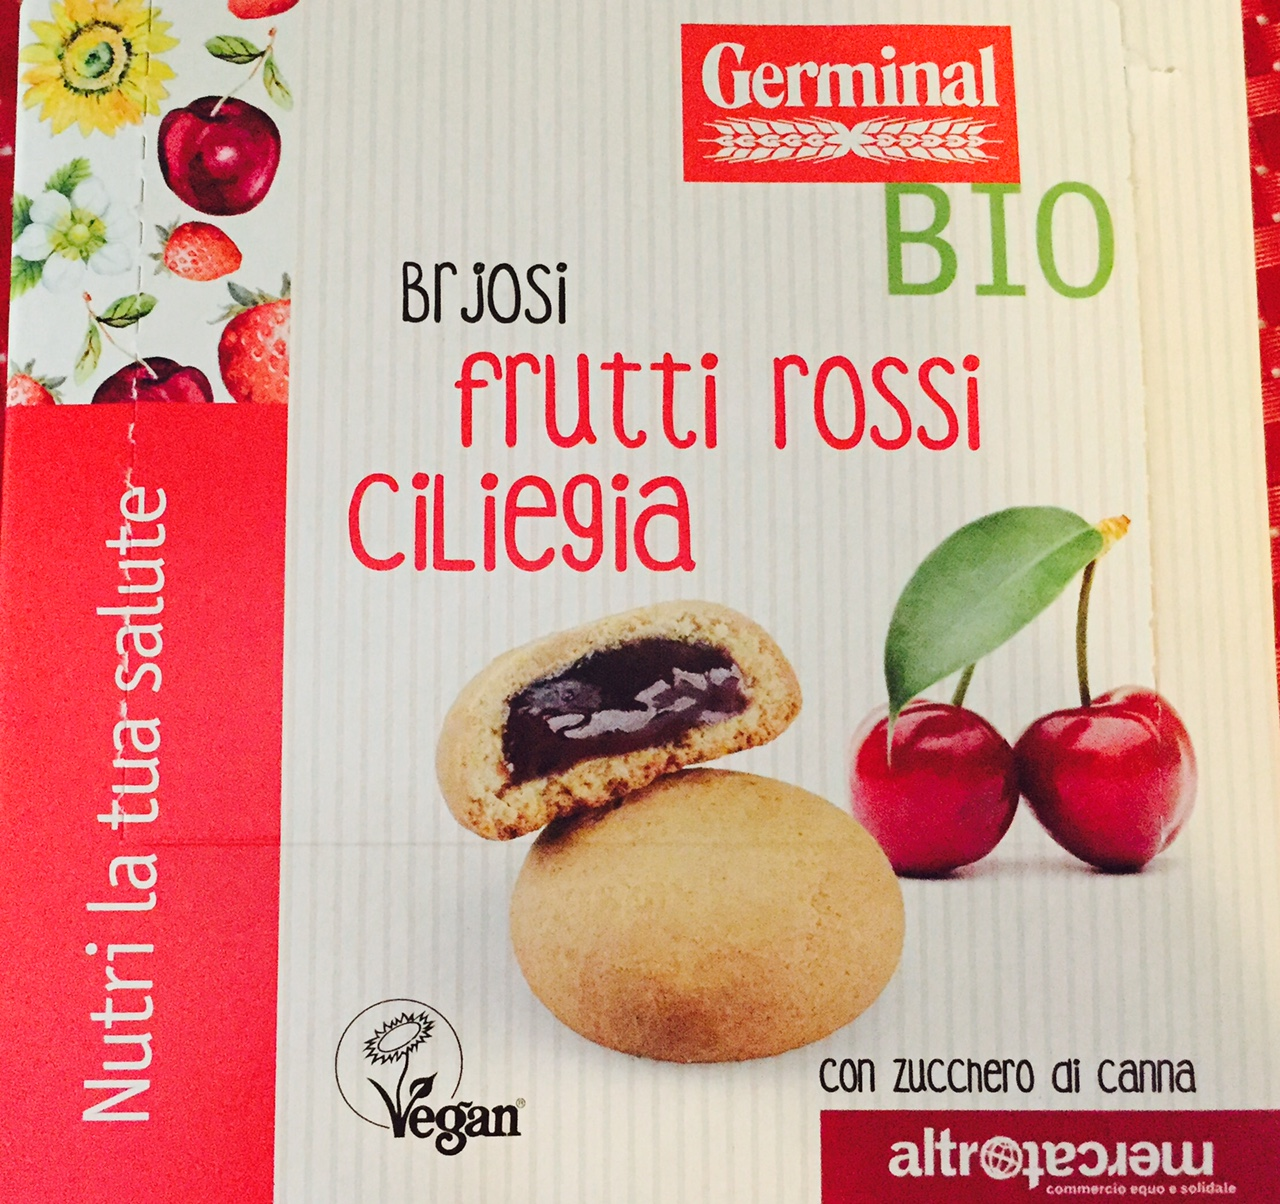 Brjosi ai frutti rossi e ciliegia Germinal - lattosio 0% Image